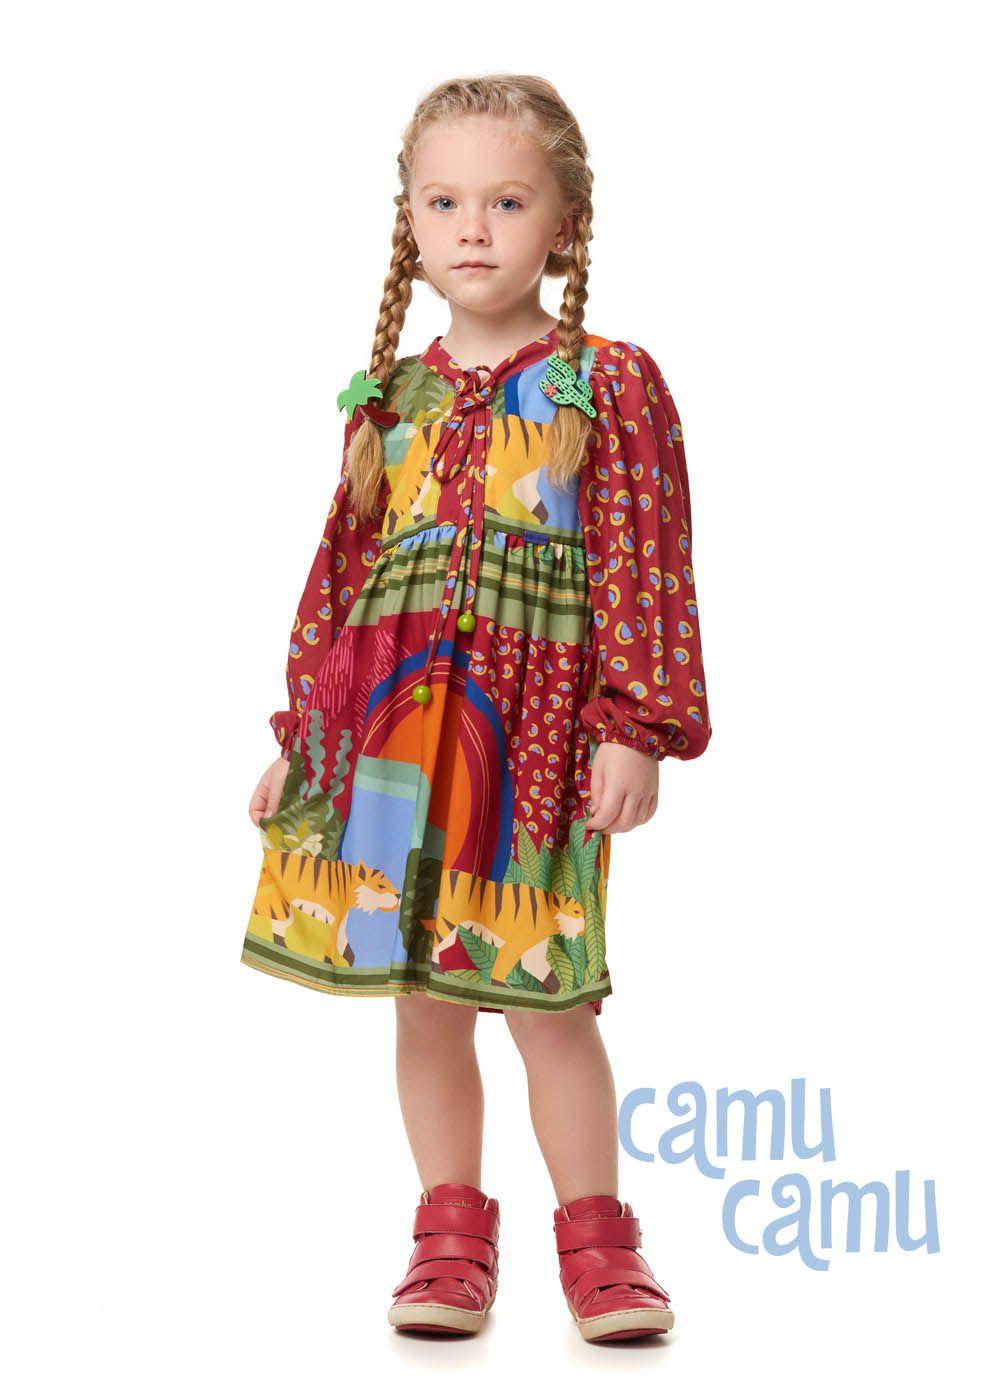 Vestido Camu Camu Curto Feminino Tigre